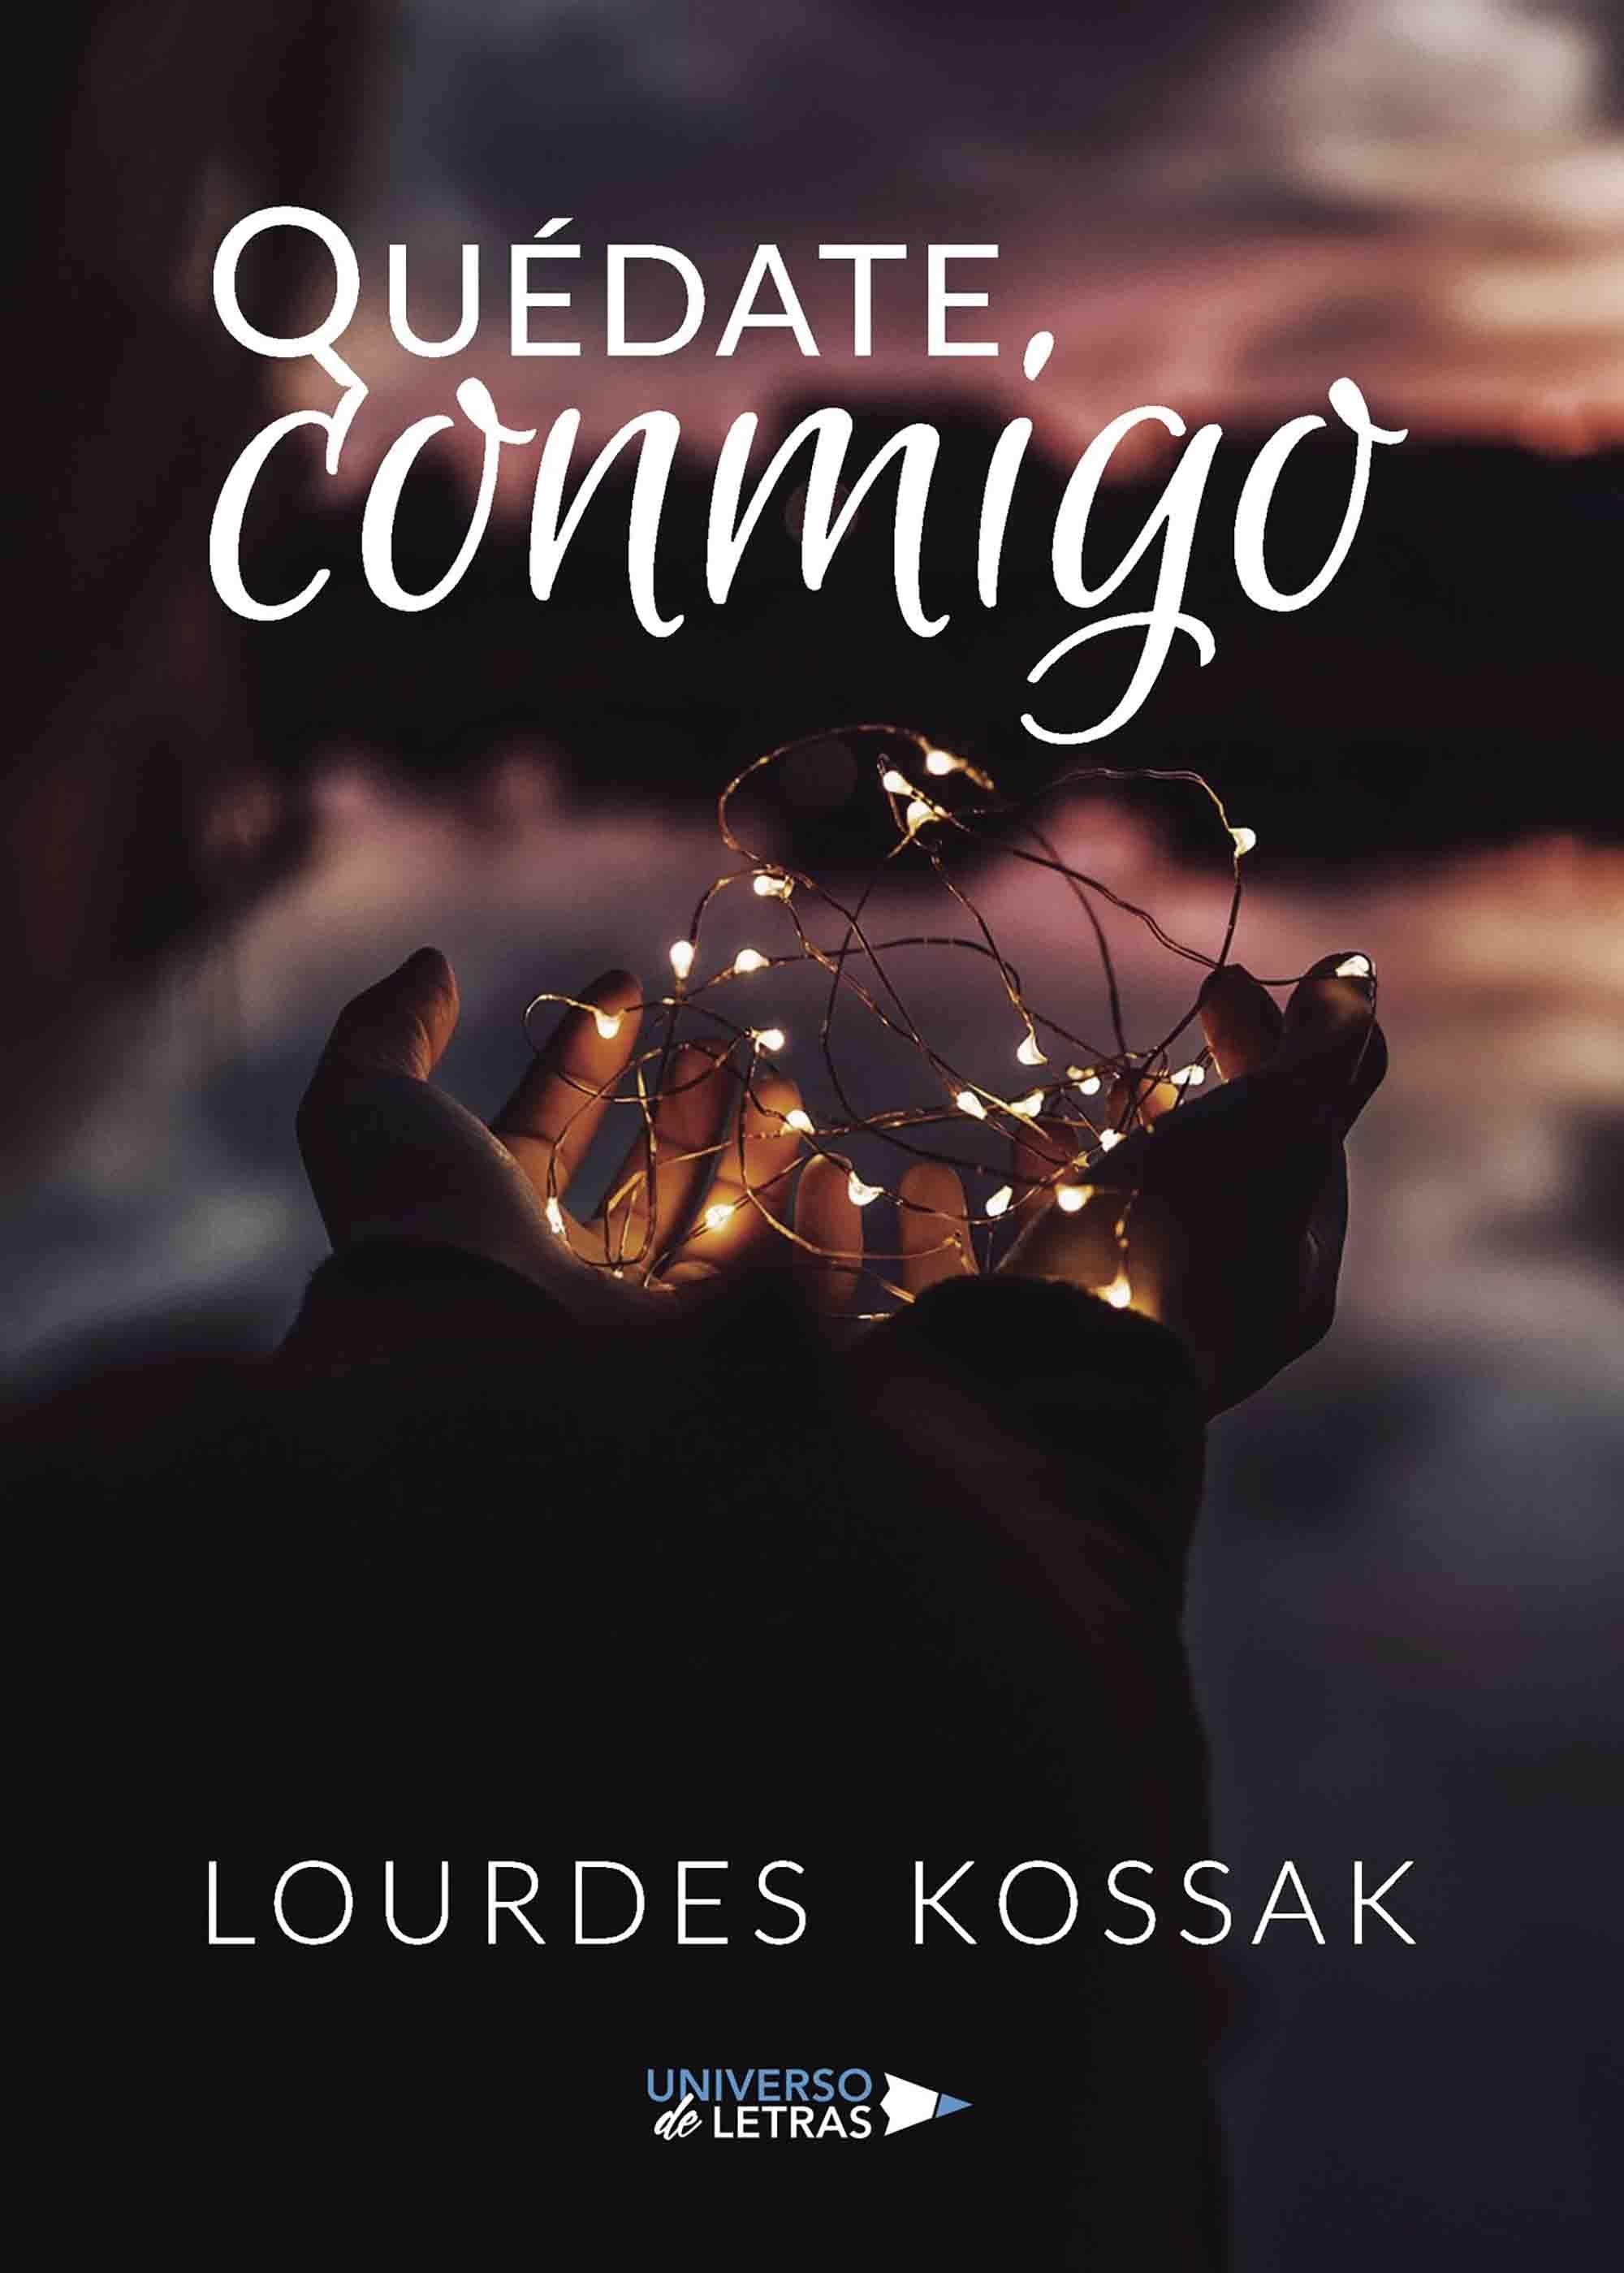 Descarga Quédate conmigo (Lourdes Kossak) | Libros ...